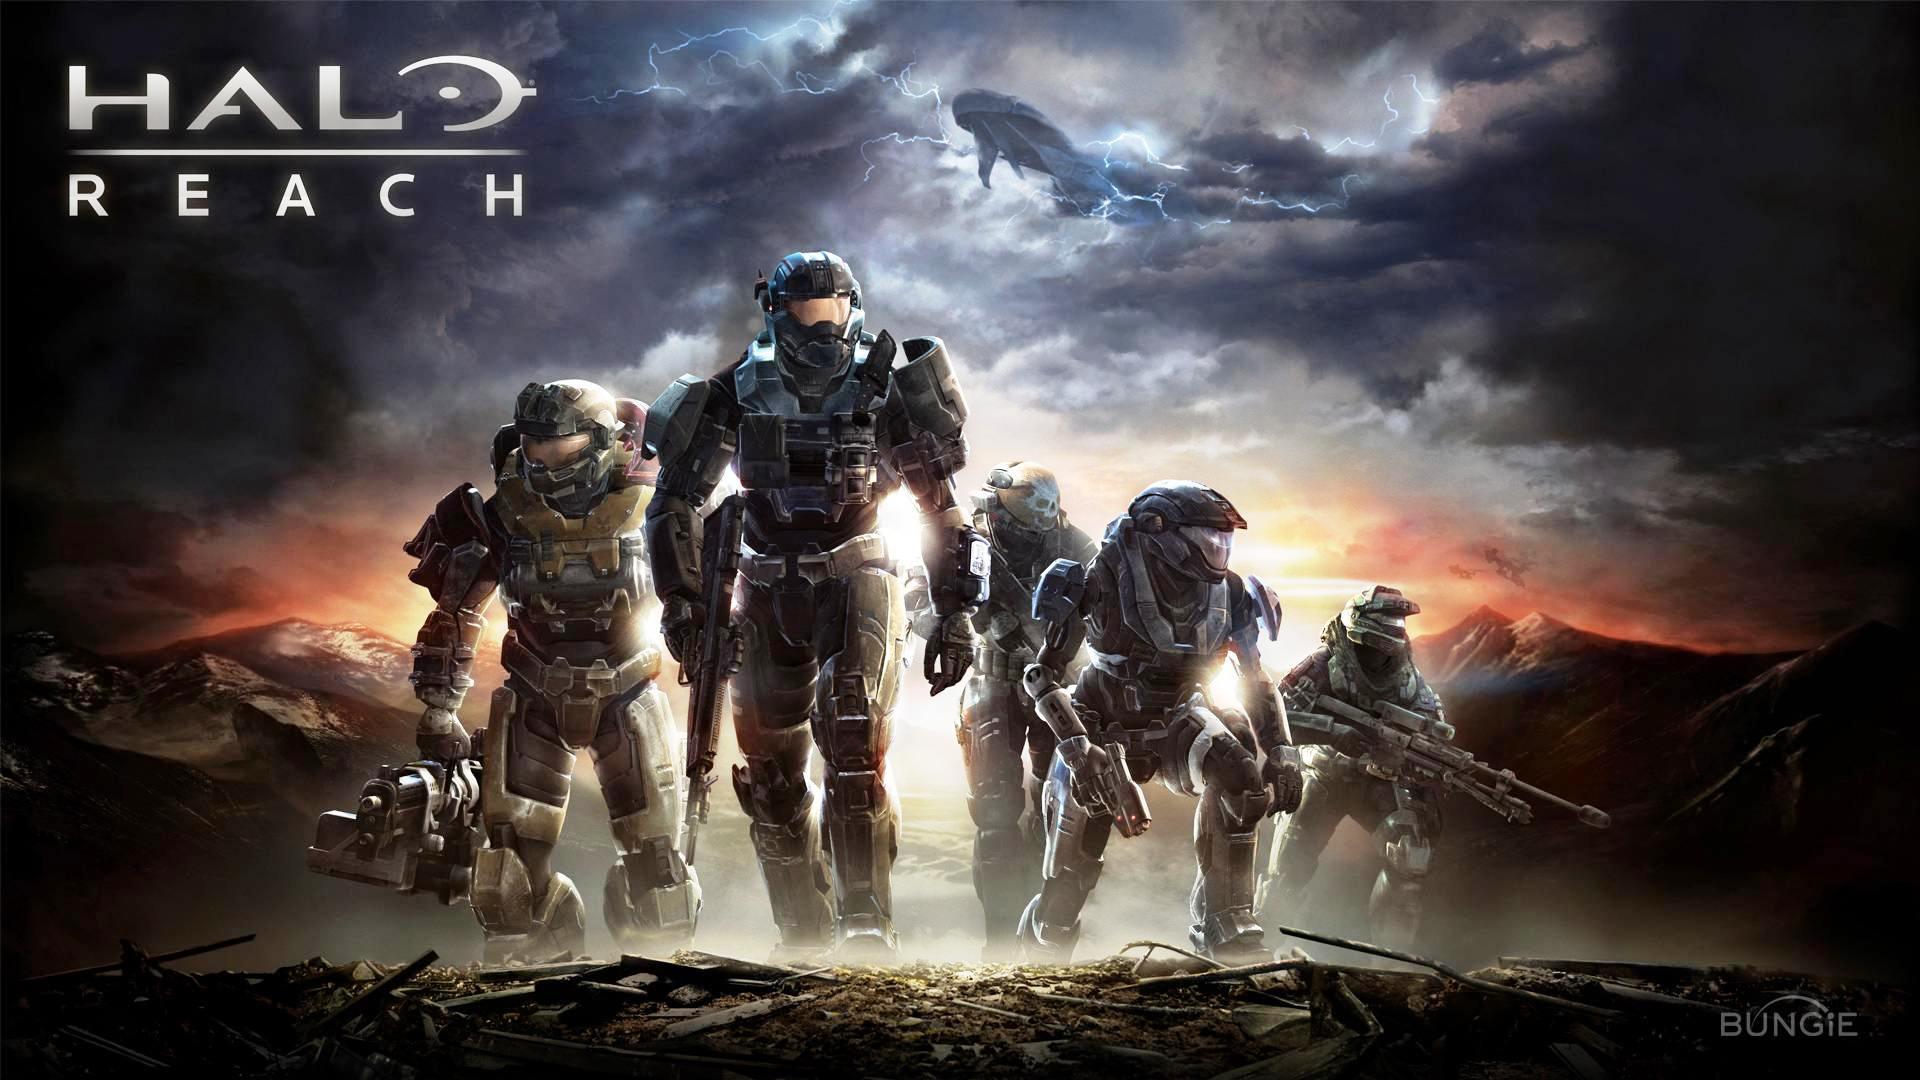 Final Halo: Reach vôo para PC começará em breve, contará com ...